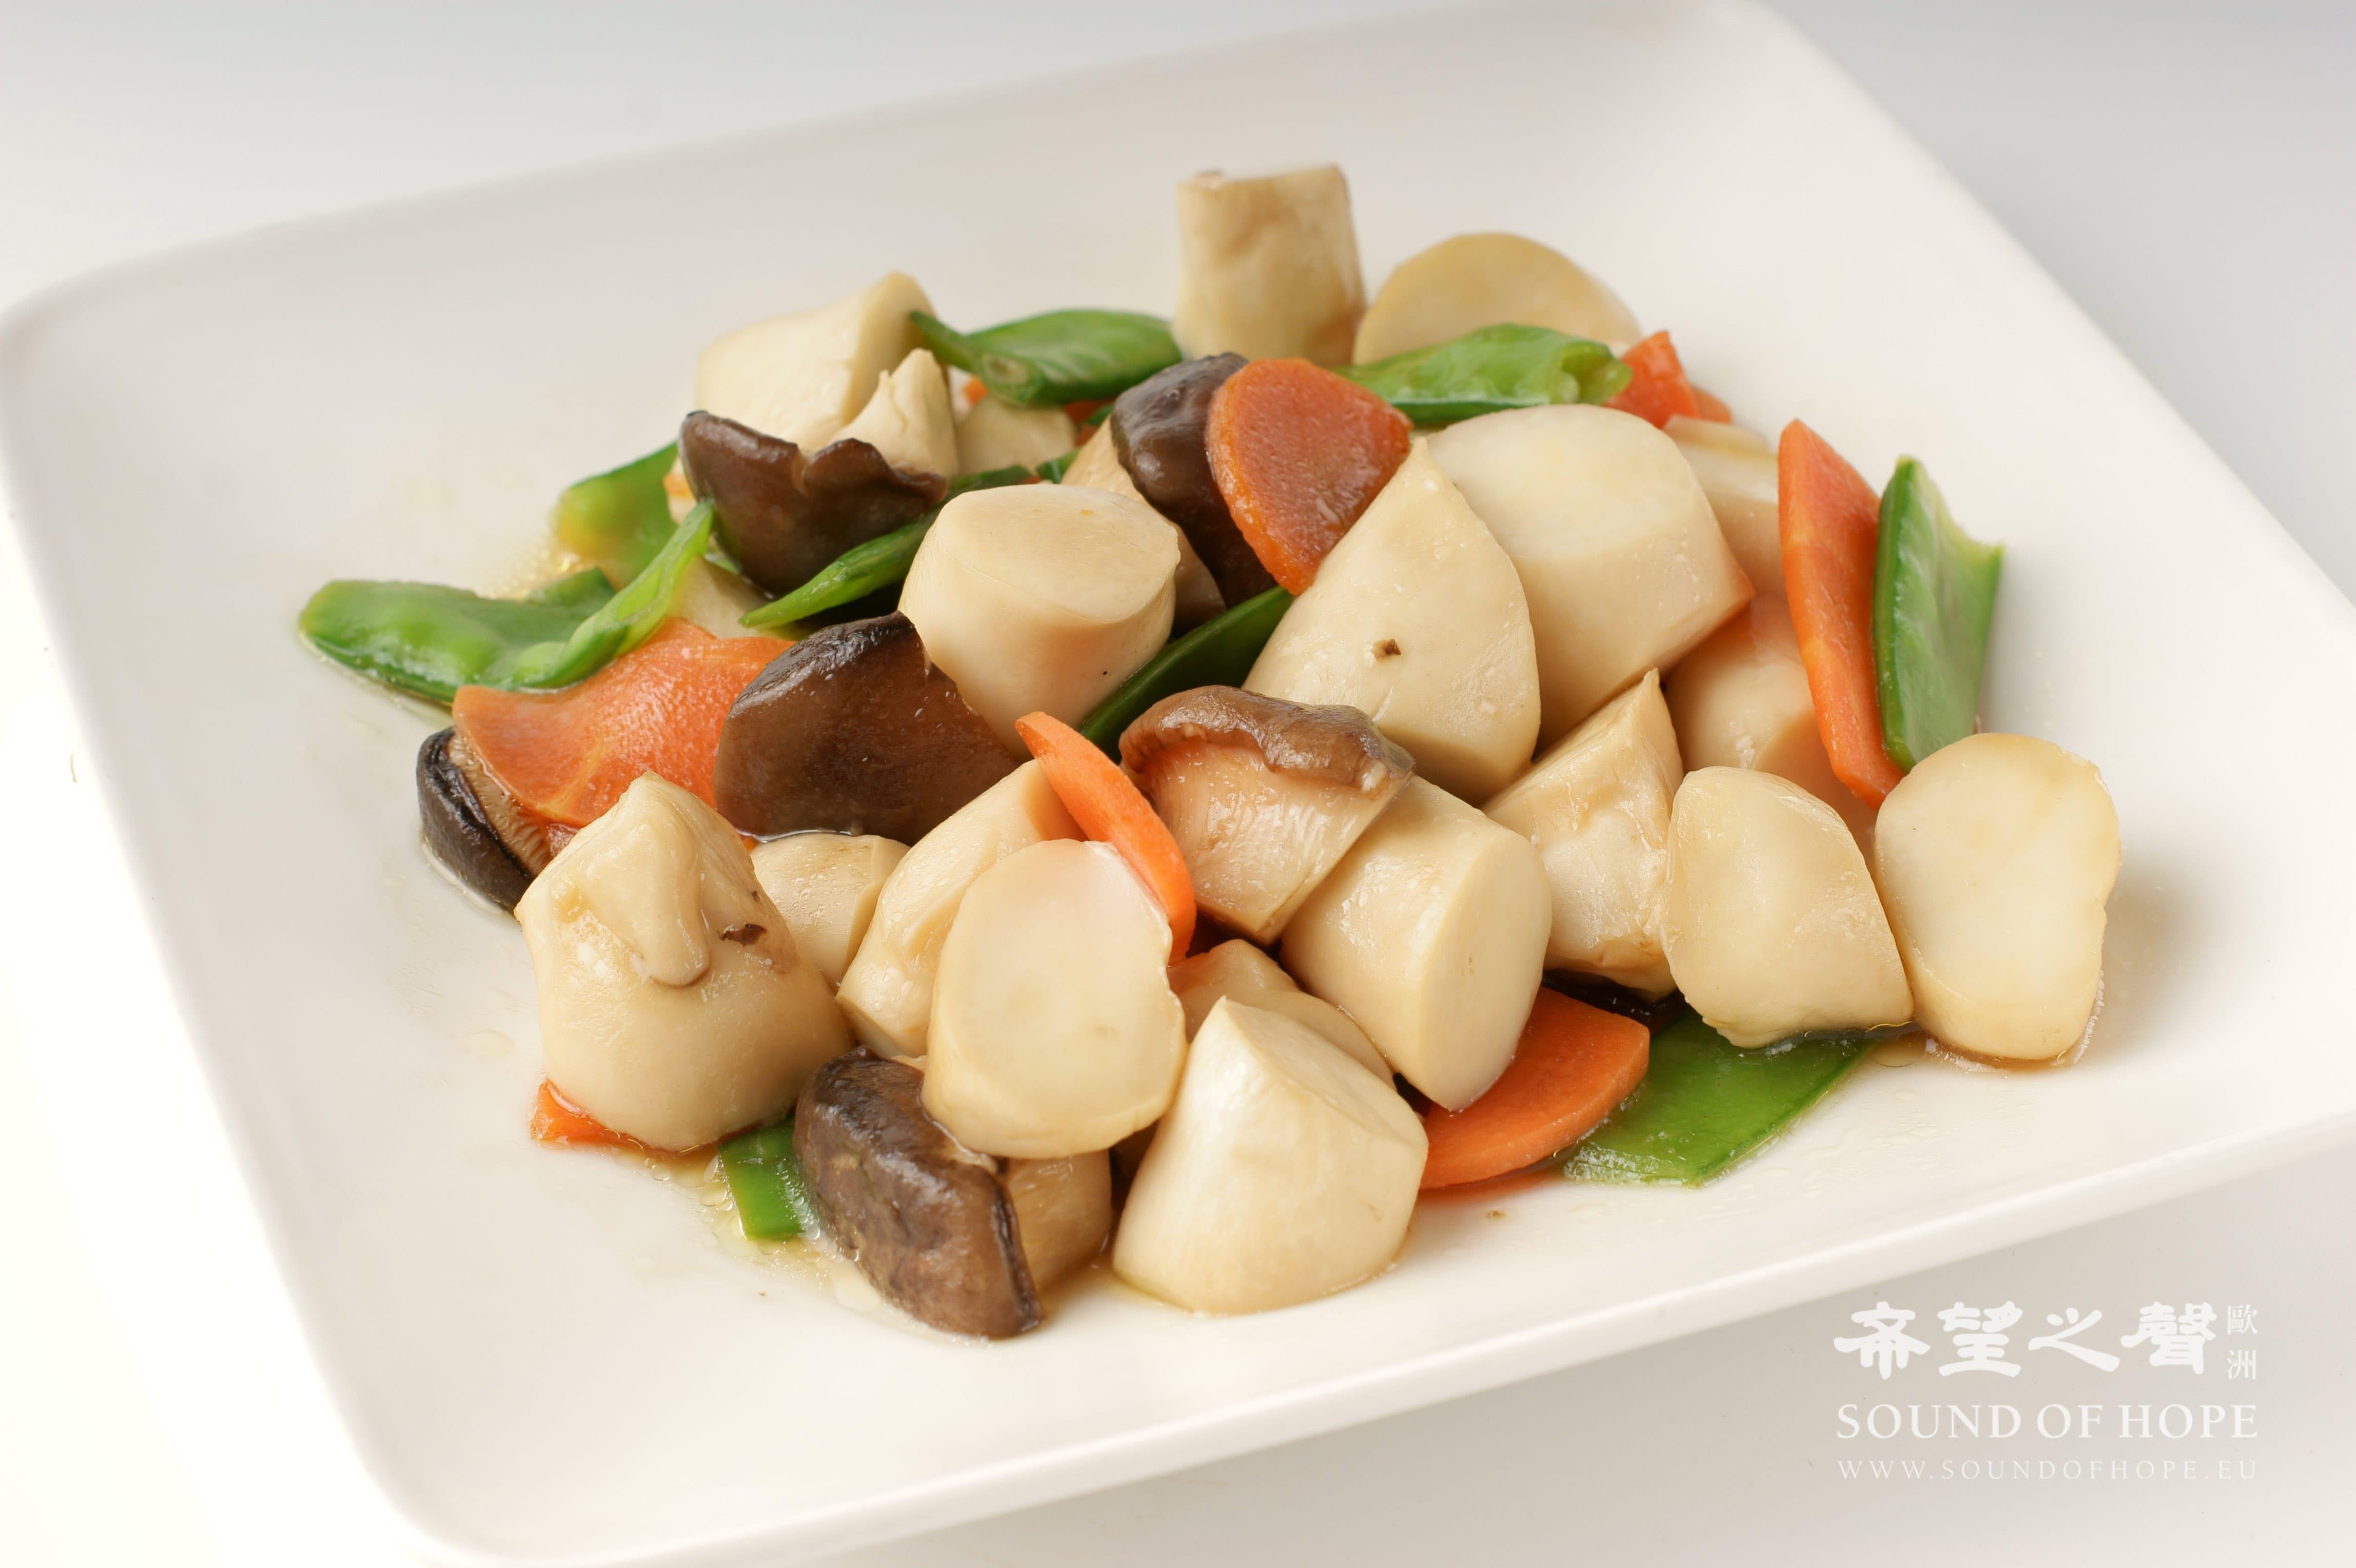 酱烧杏鲍菇(图片来源:欧洲希望之声 麦克)